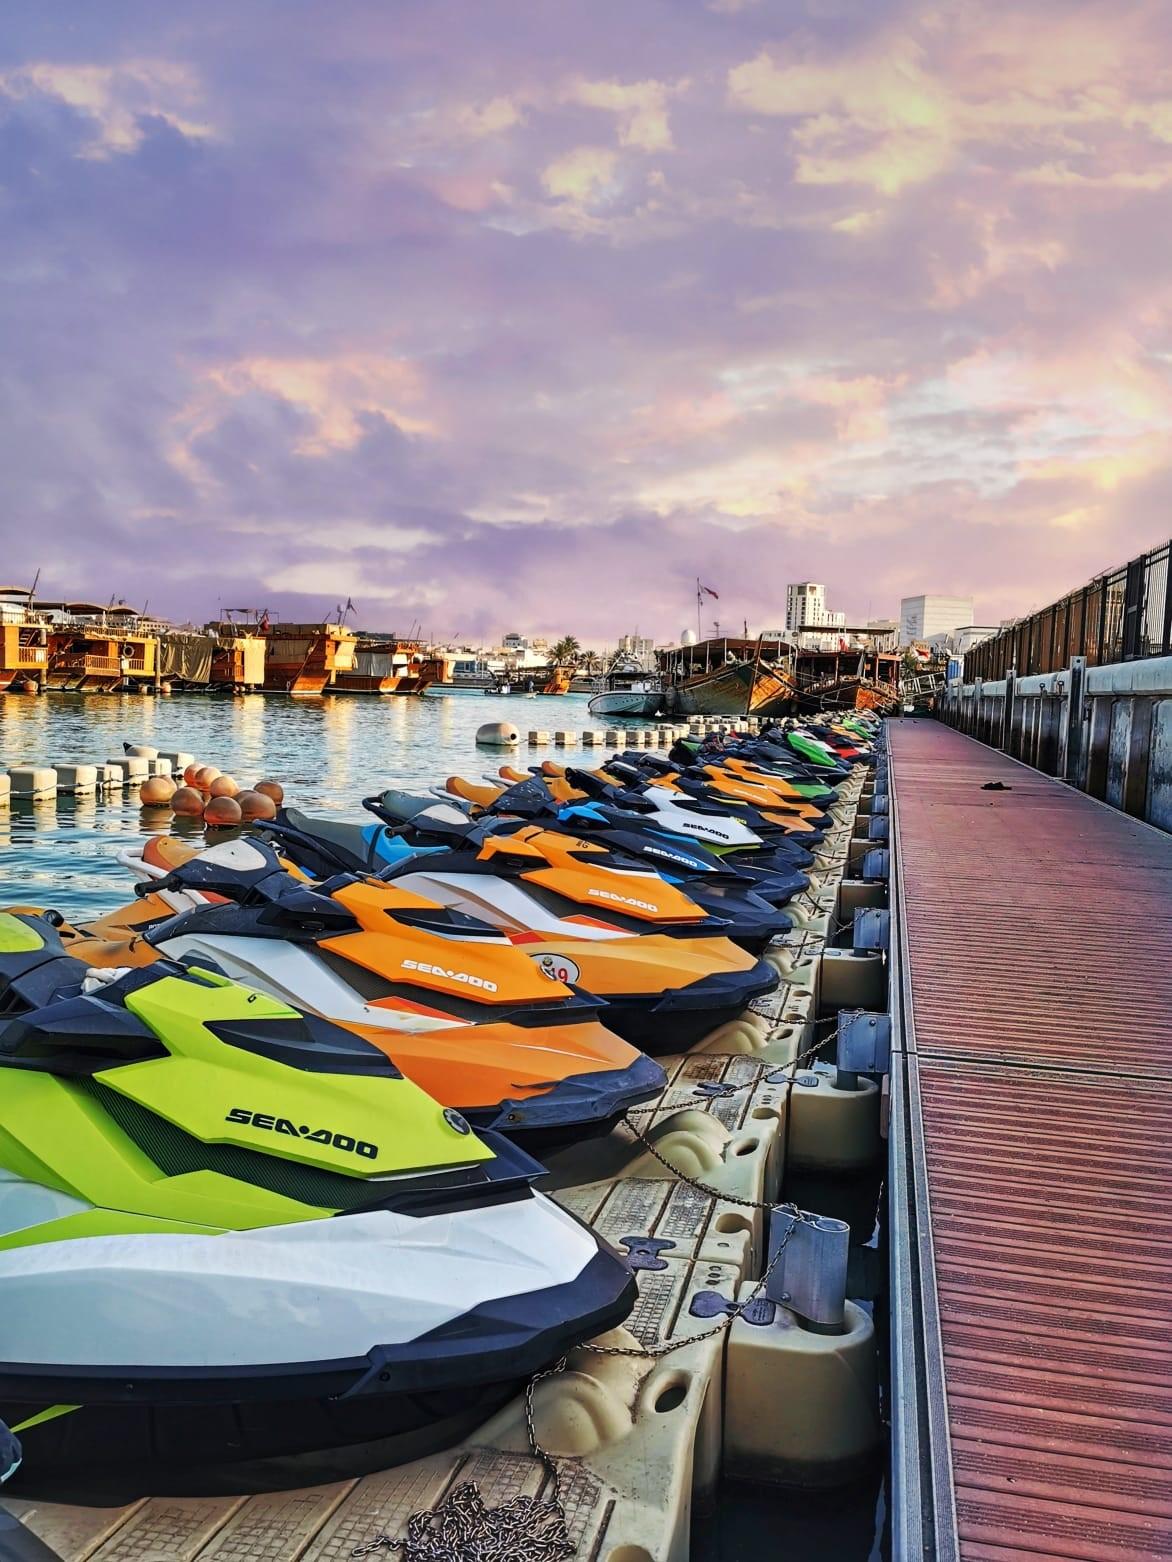 Bandar (docks ) at Corniche – Corniche Harbor Doha